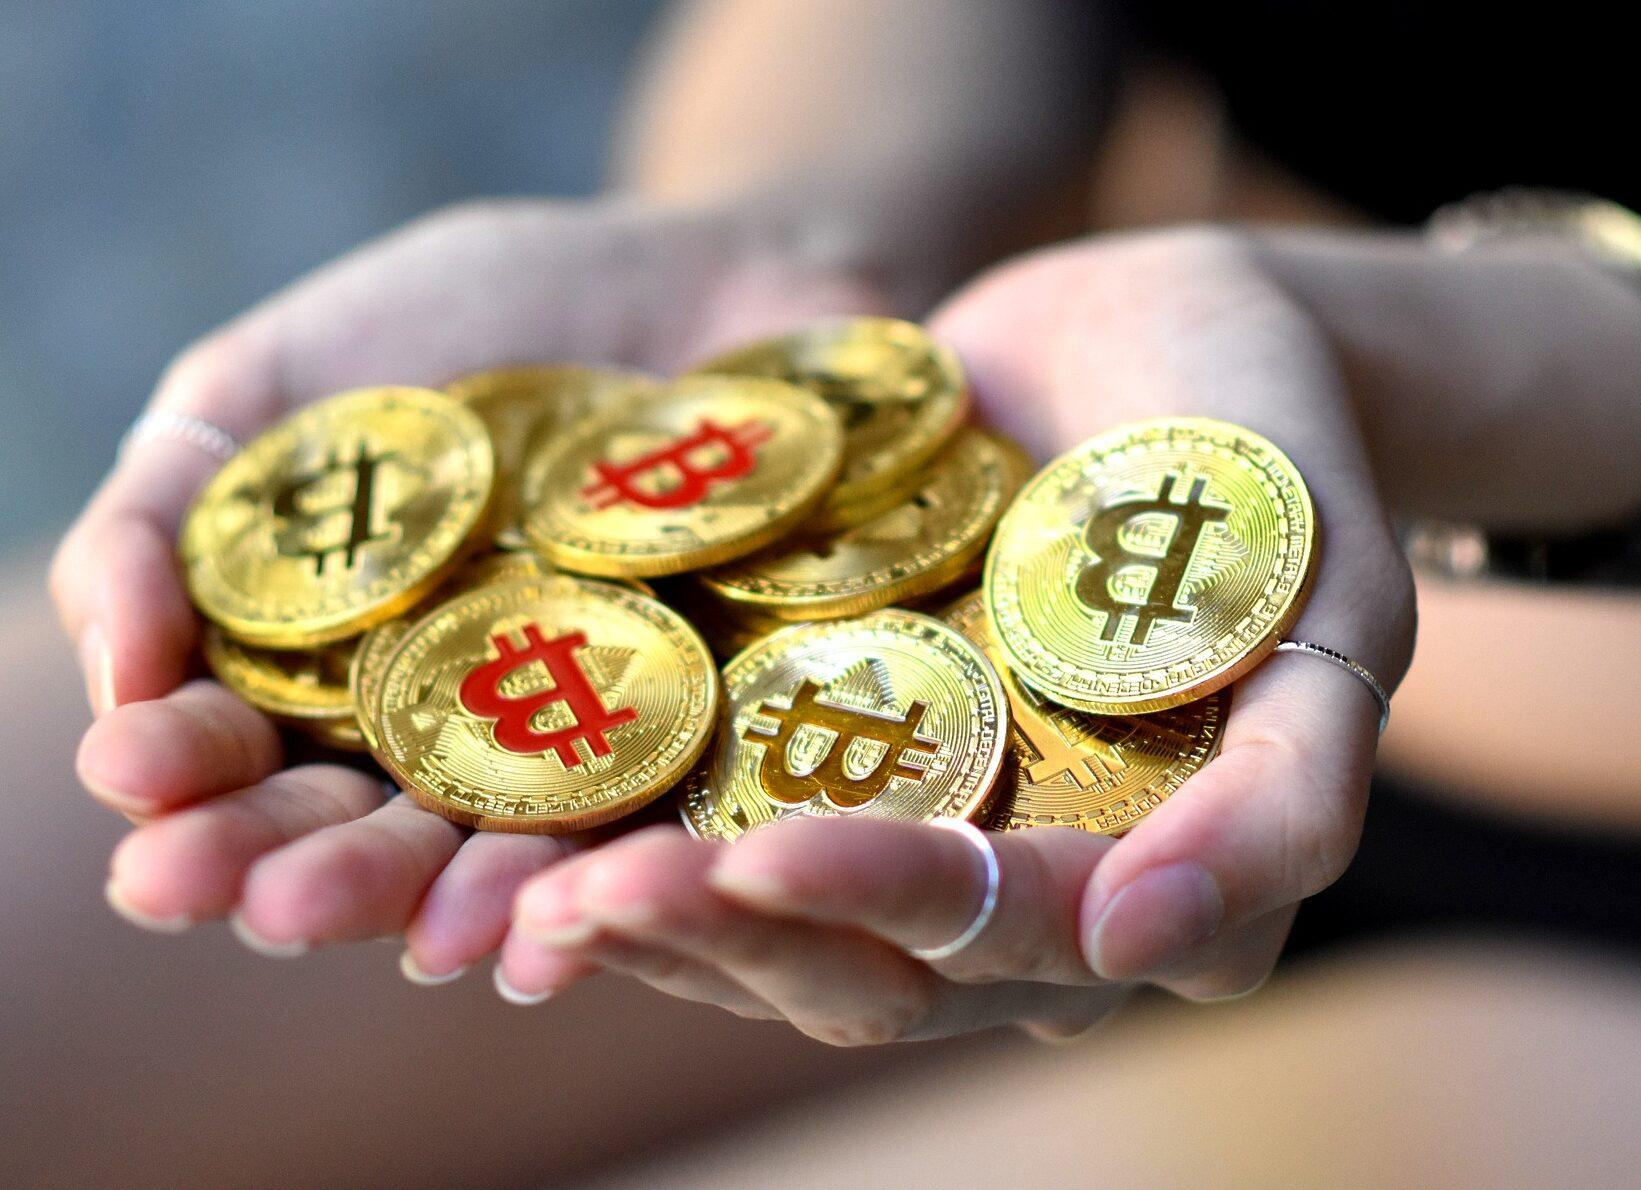 La inversión de Massmutual es otra evidencia de la creciente demanda institucional que vendrá para Bitcoin en los próximos años, según JPMorgan